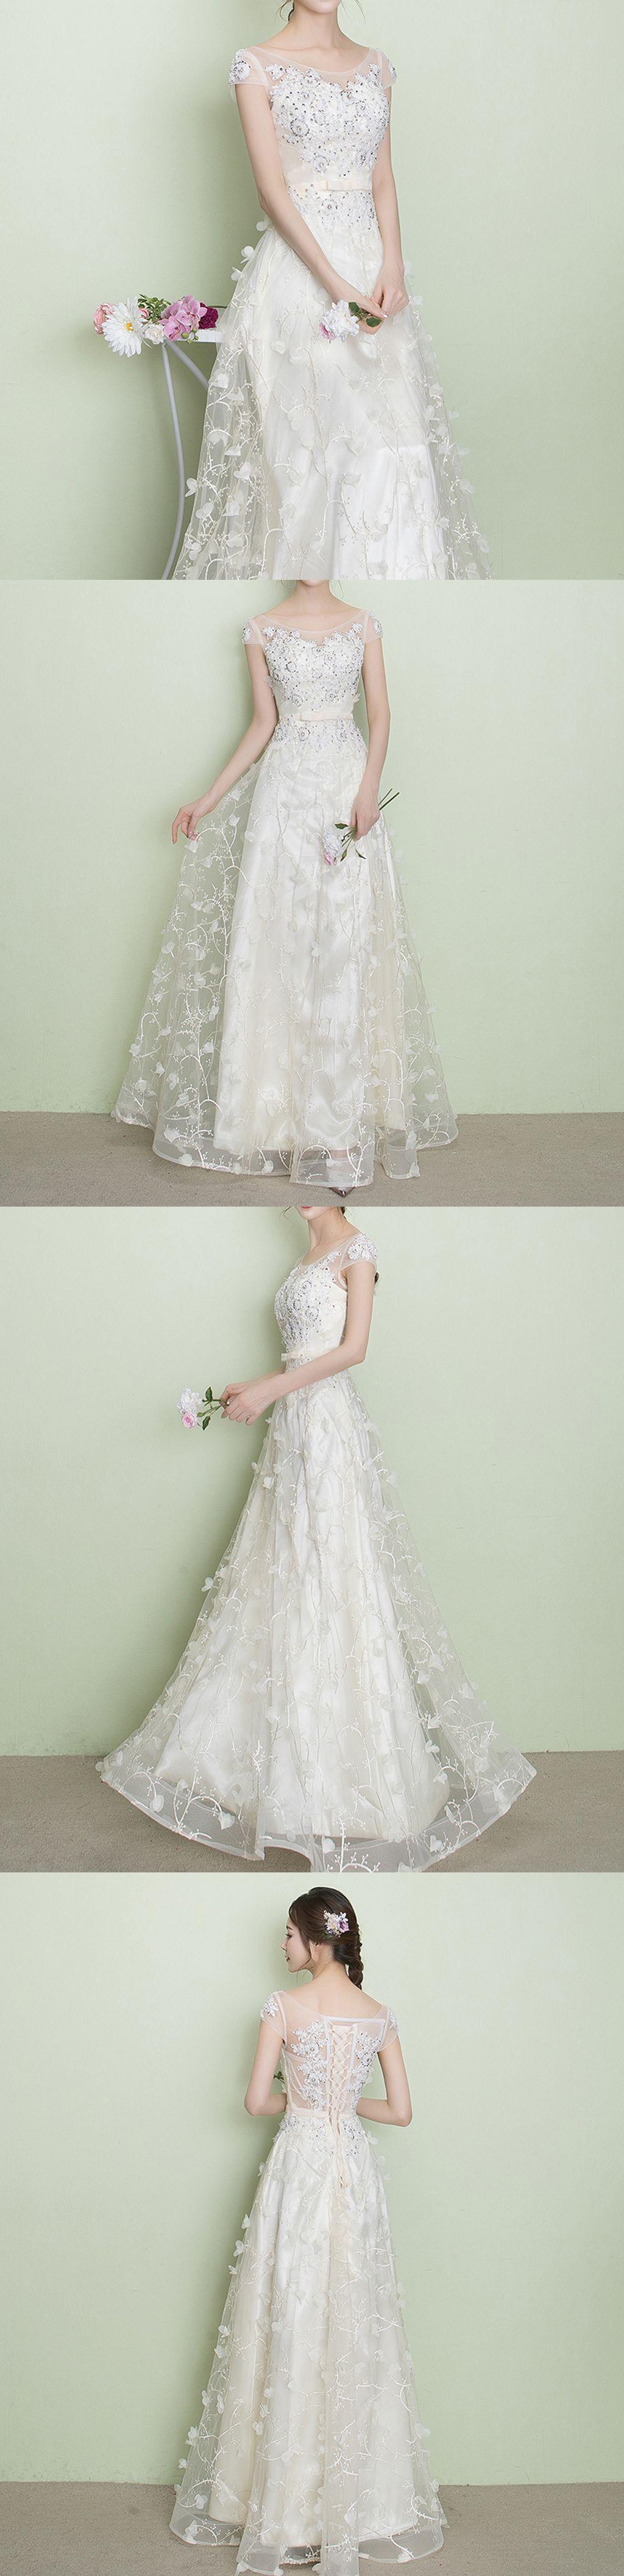 Elegant white lace beading appliques short sleeve lace up back